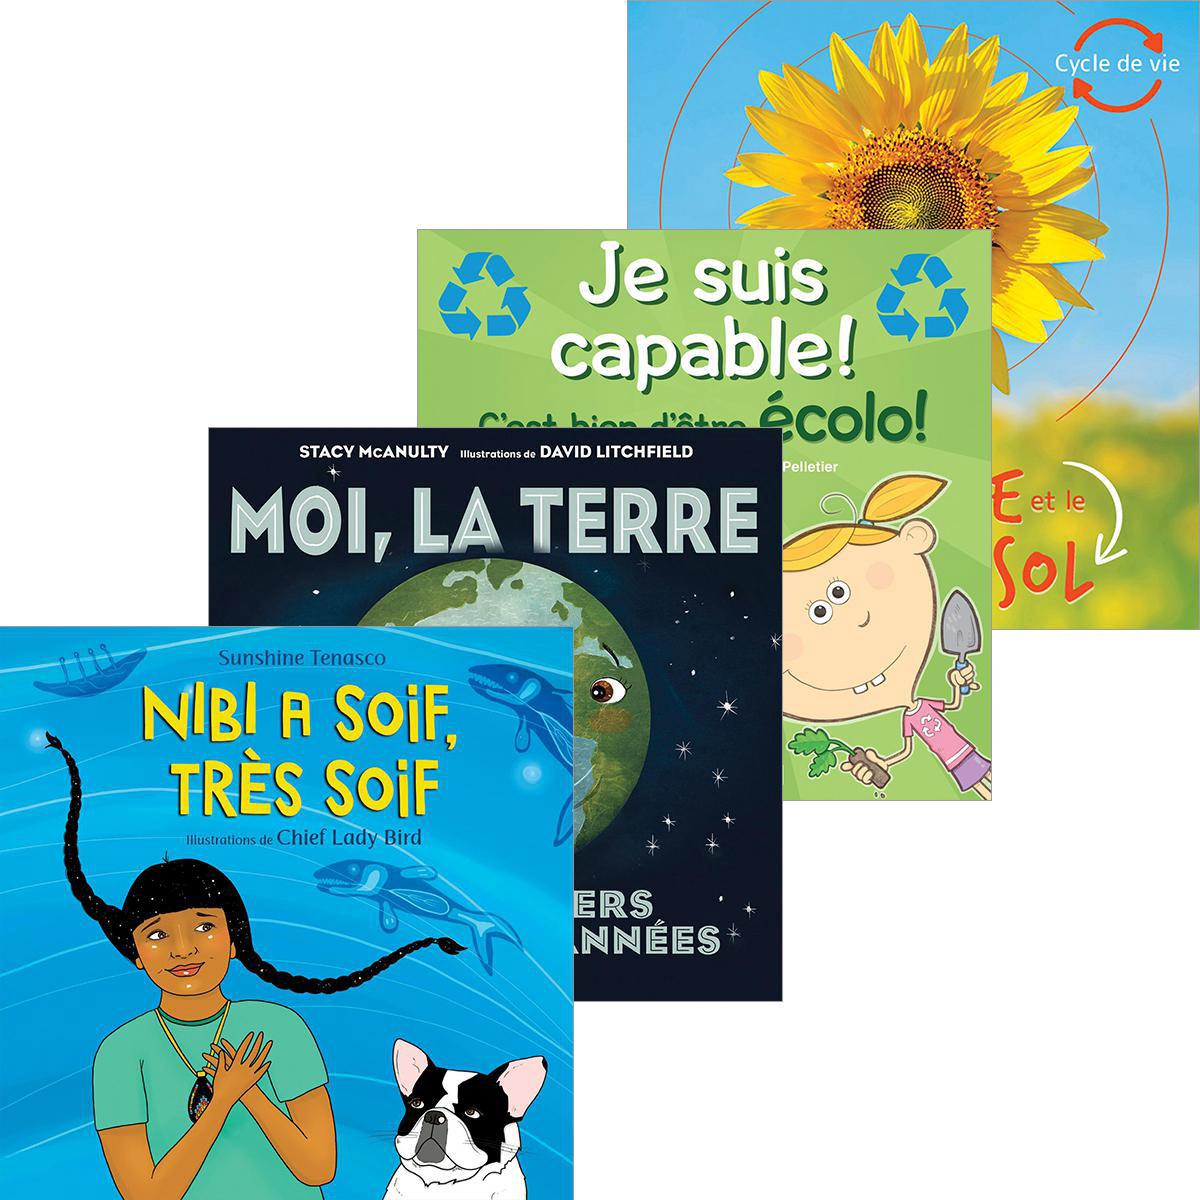 Ensemble thématique - L'environnement et l'écologie